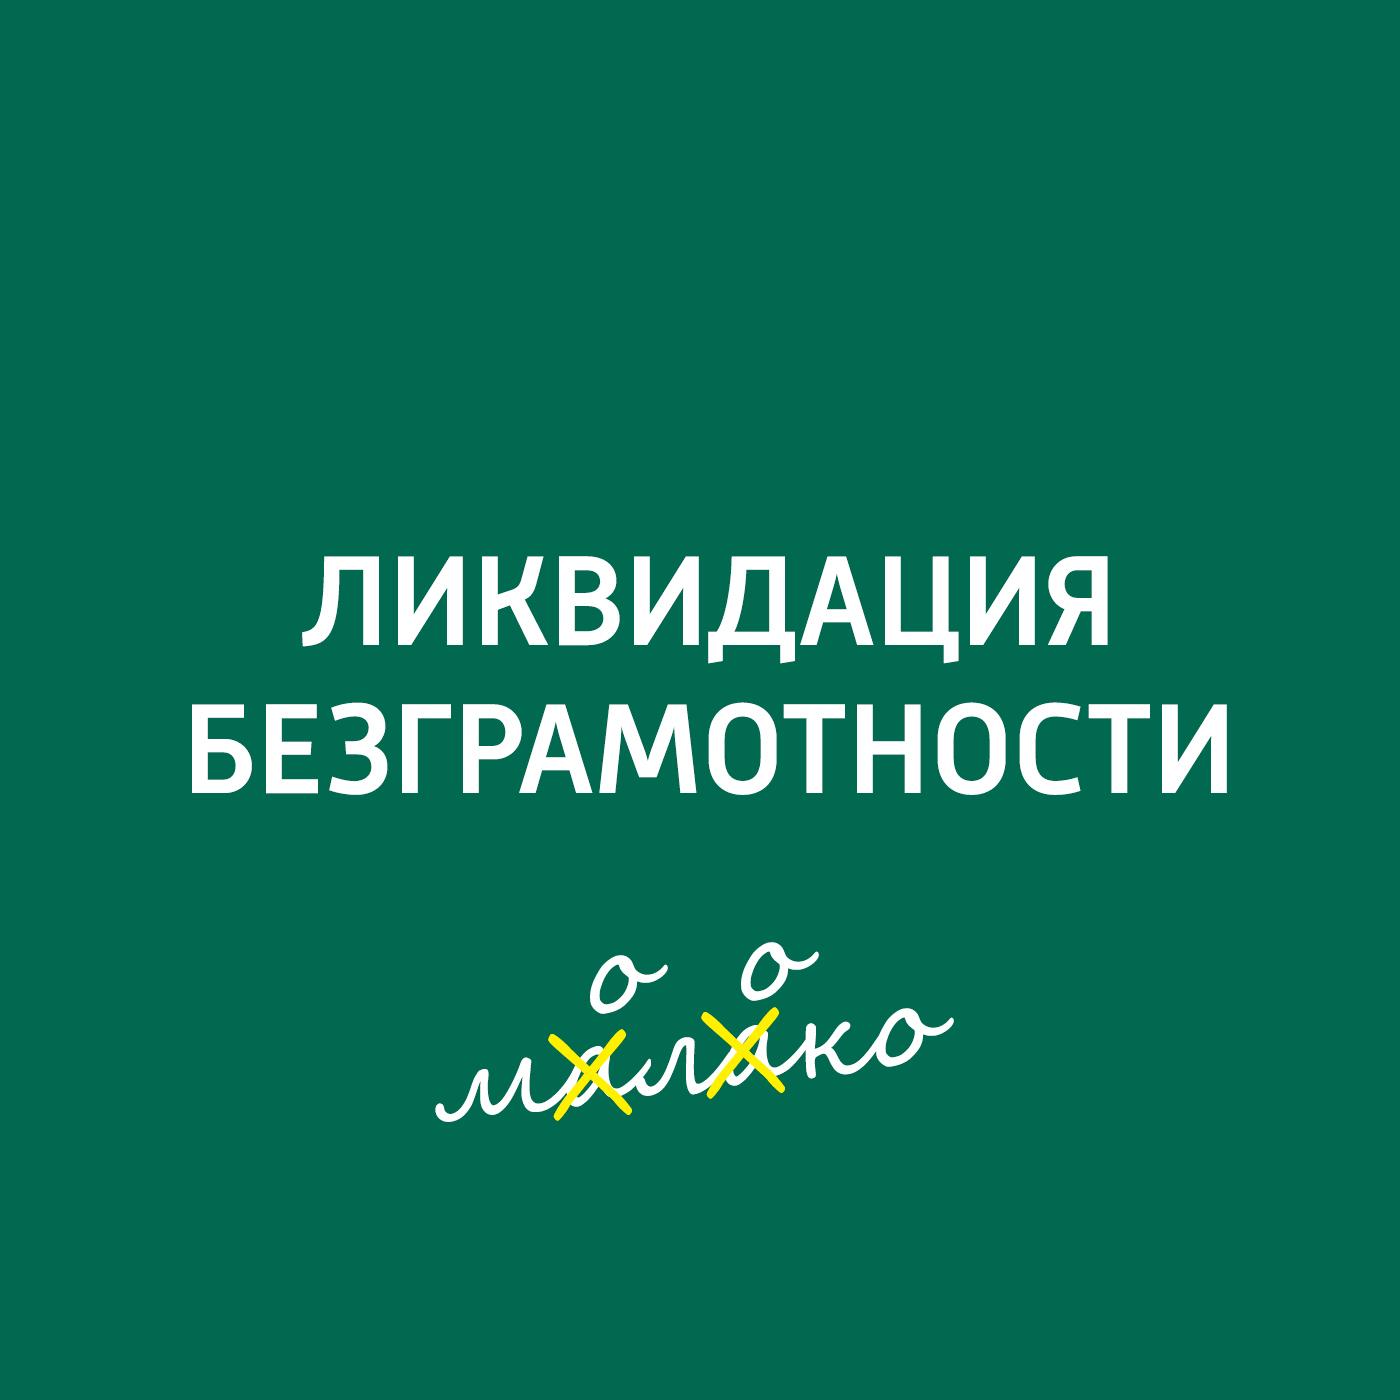 Творческий коллектив шоу «Сергей Стиллавин и его друзья» Что в имени тебе моем? О людях и вещах, которым мы даем название